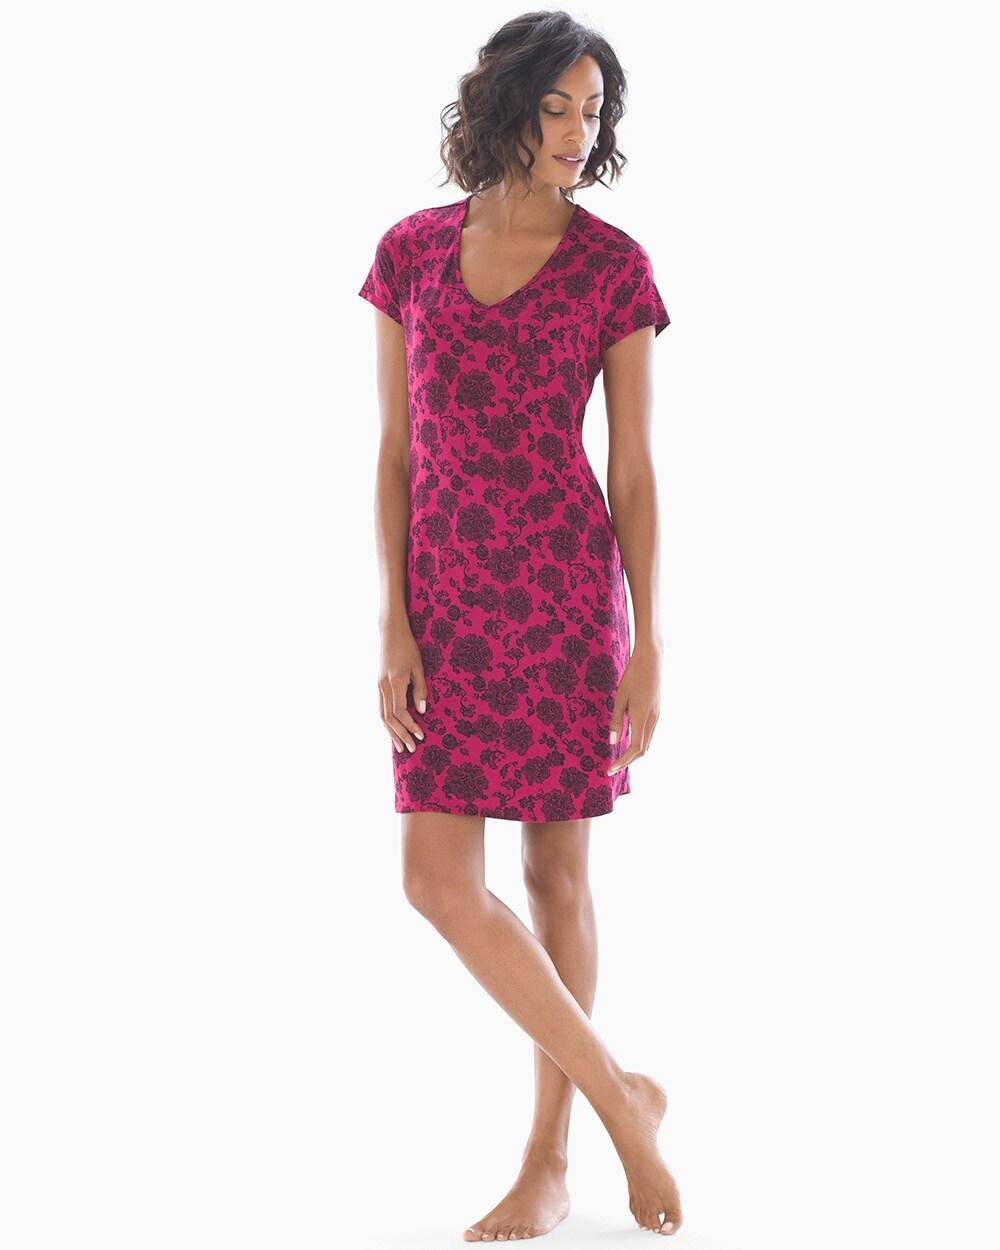 8297615a39 SAS Sleep Up to 70% Off - Sleepwear - Soma